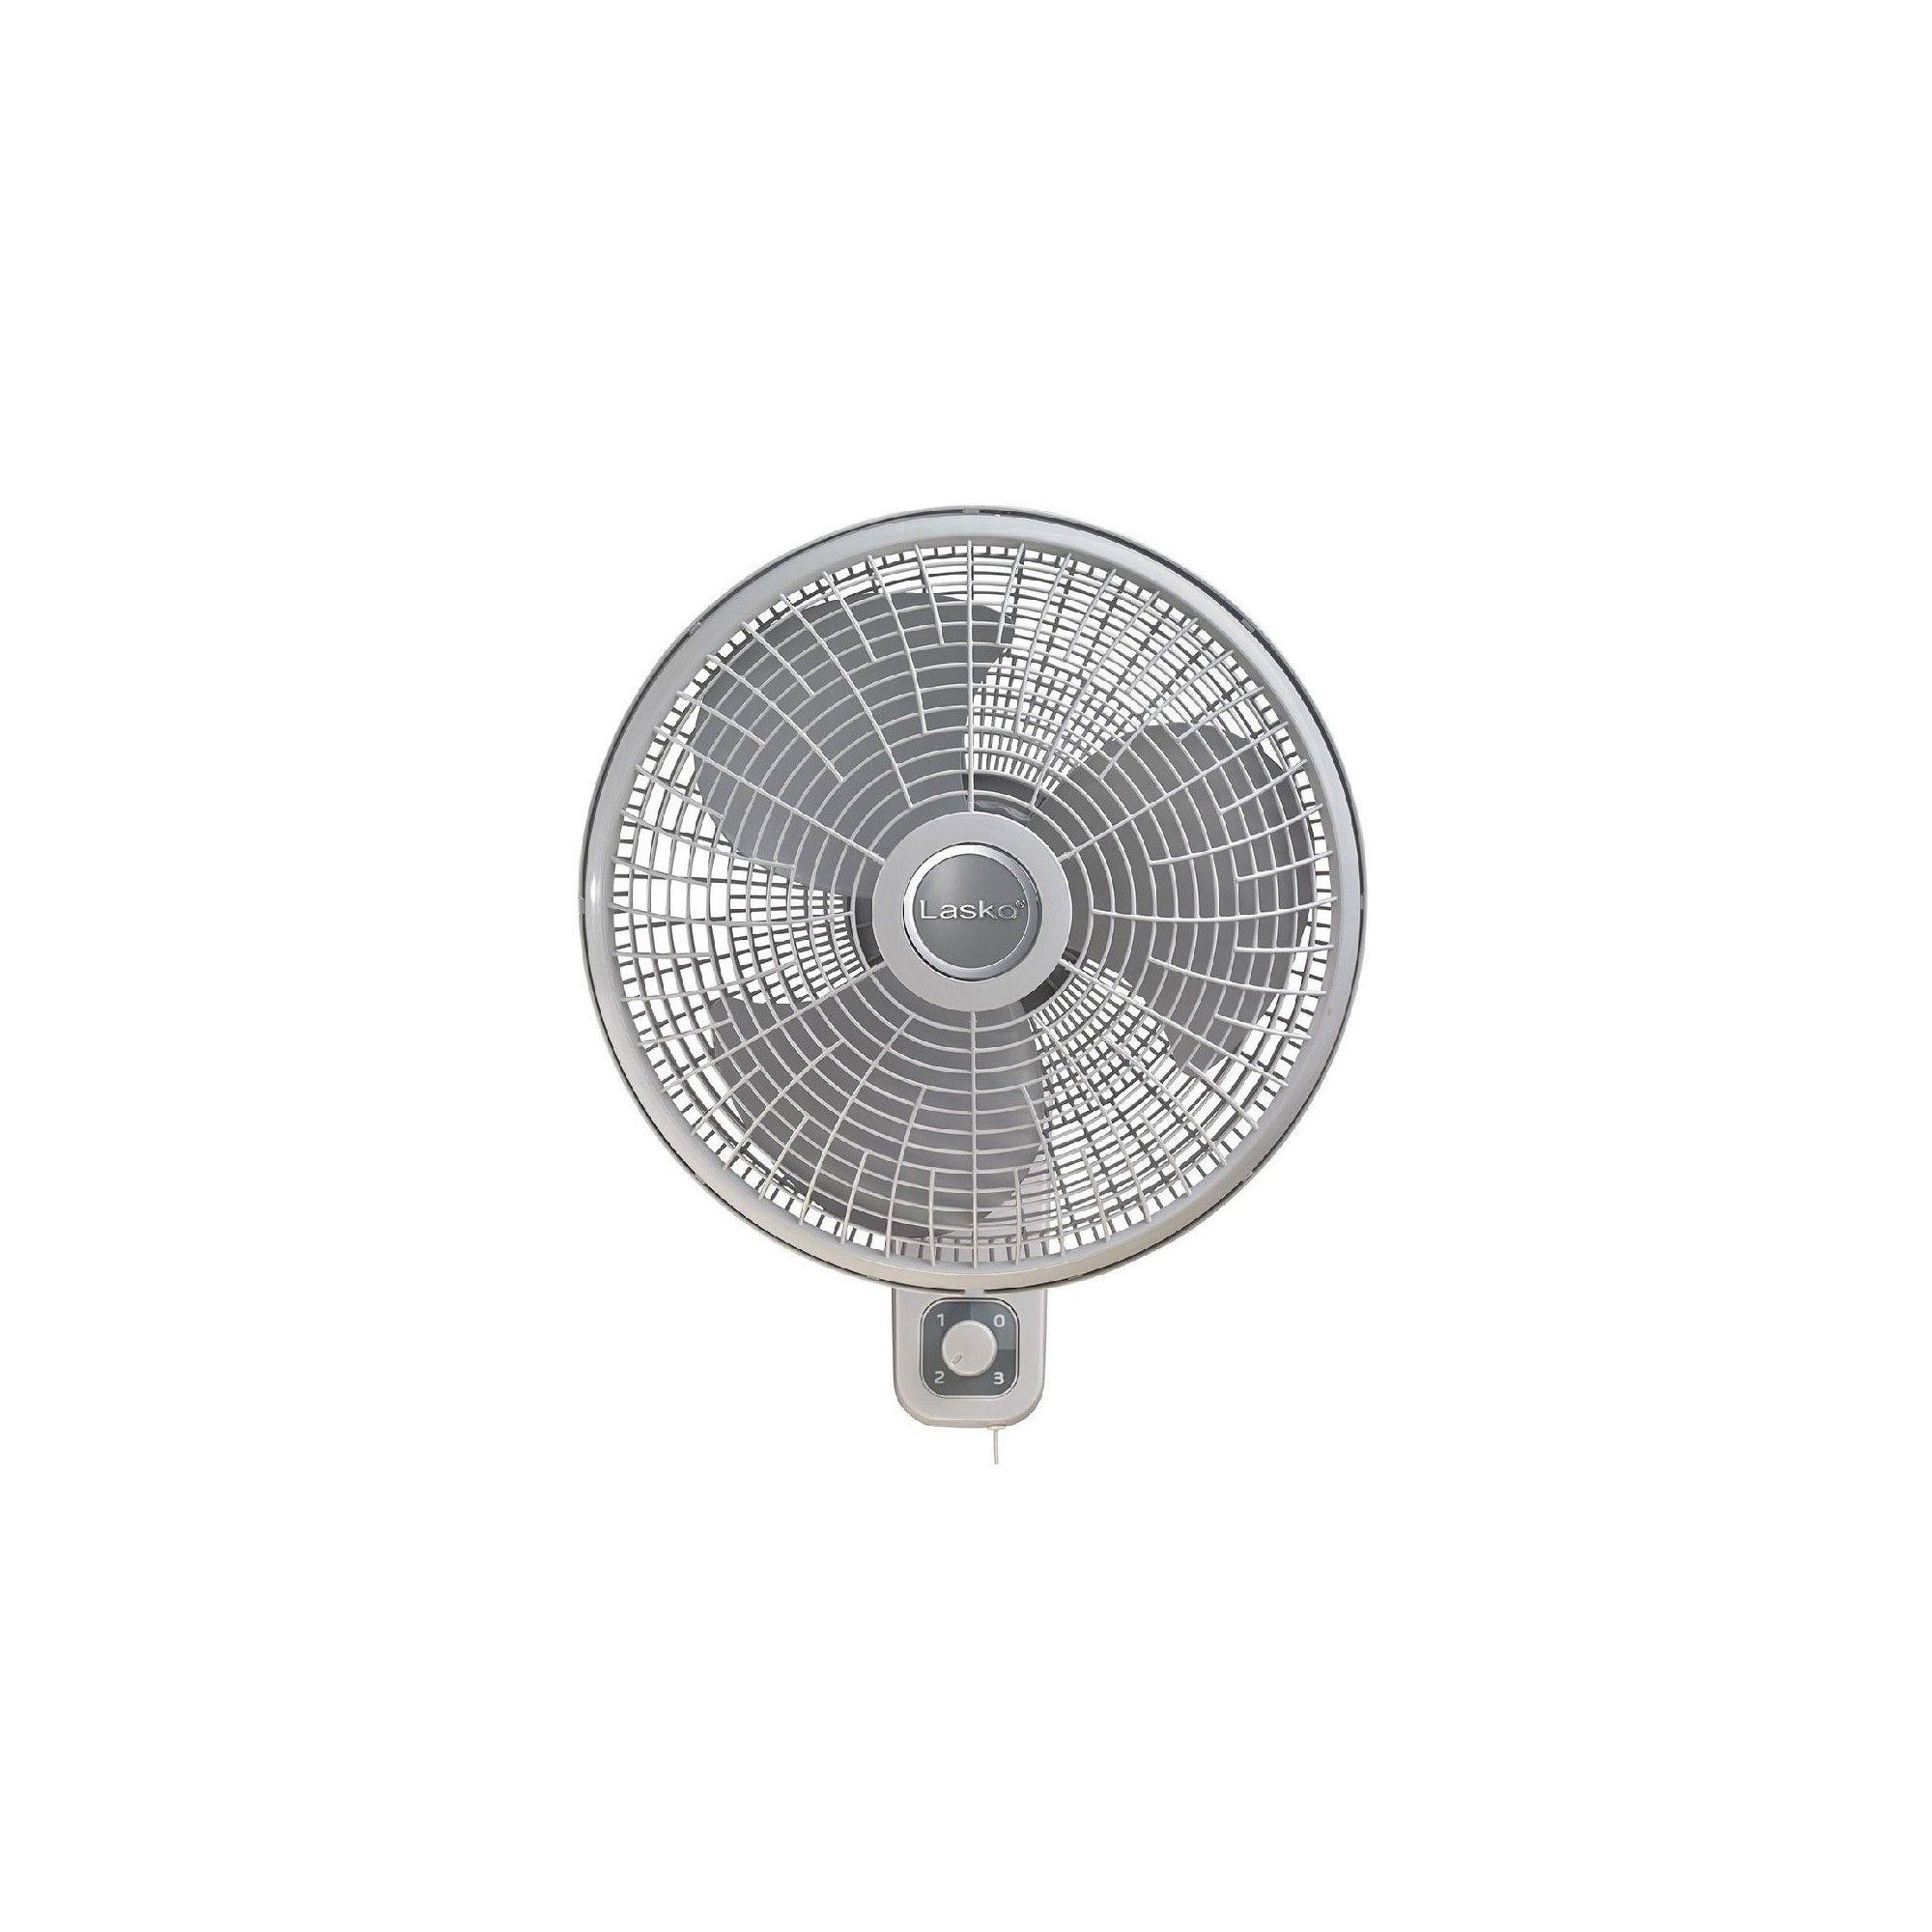 Lasko M16900 16 In 3 Speed Oscillating Cooling Wall Mount Fan W